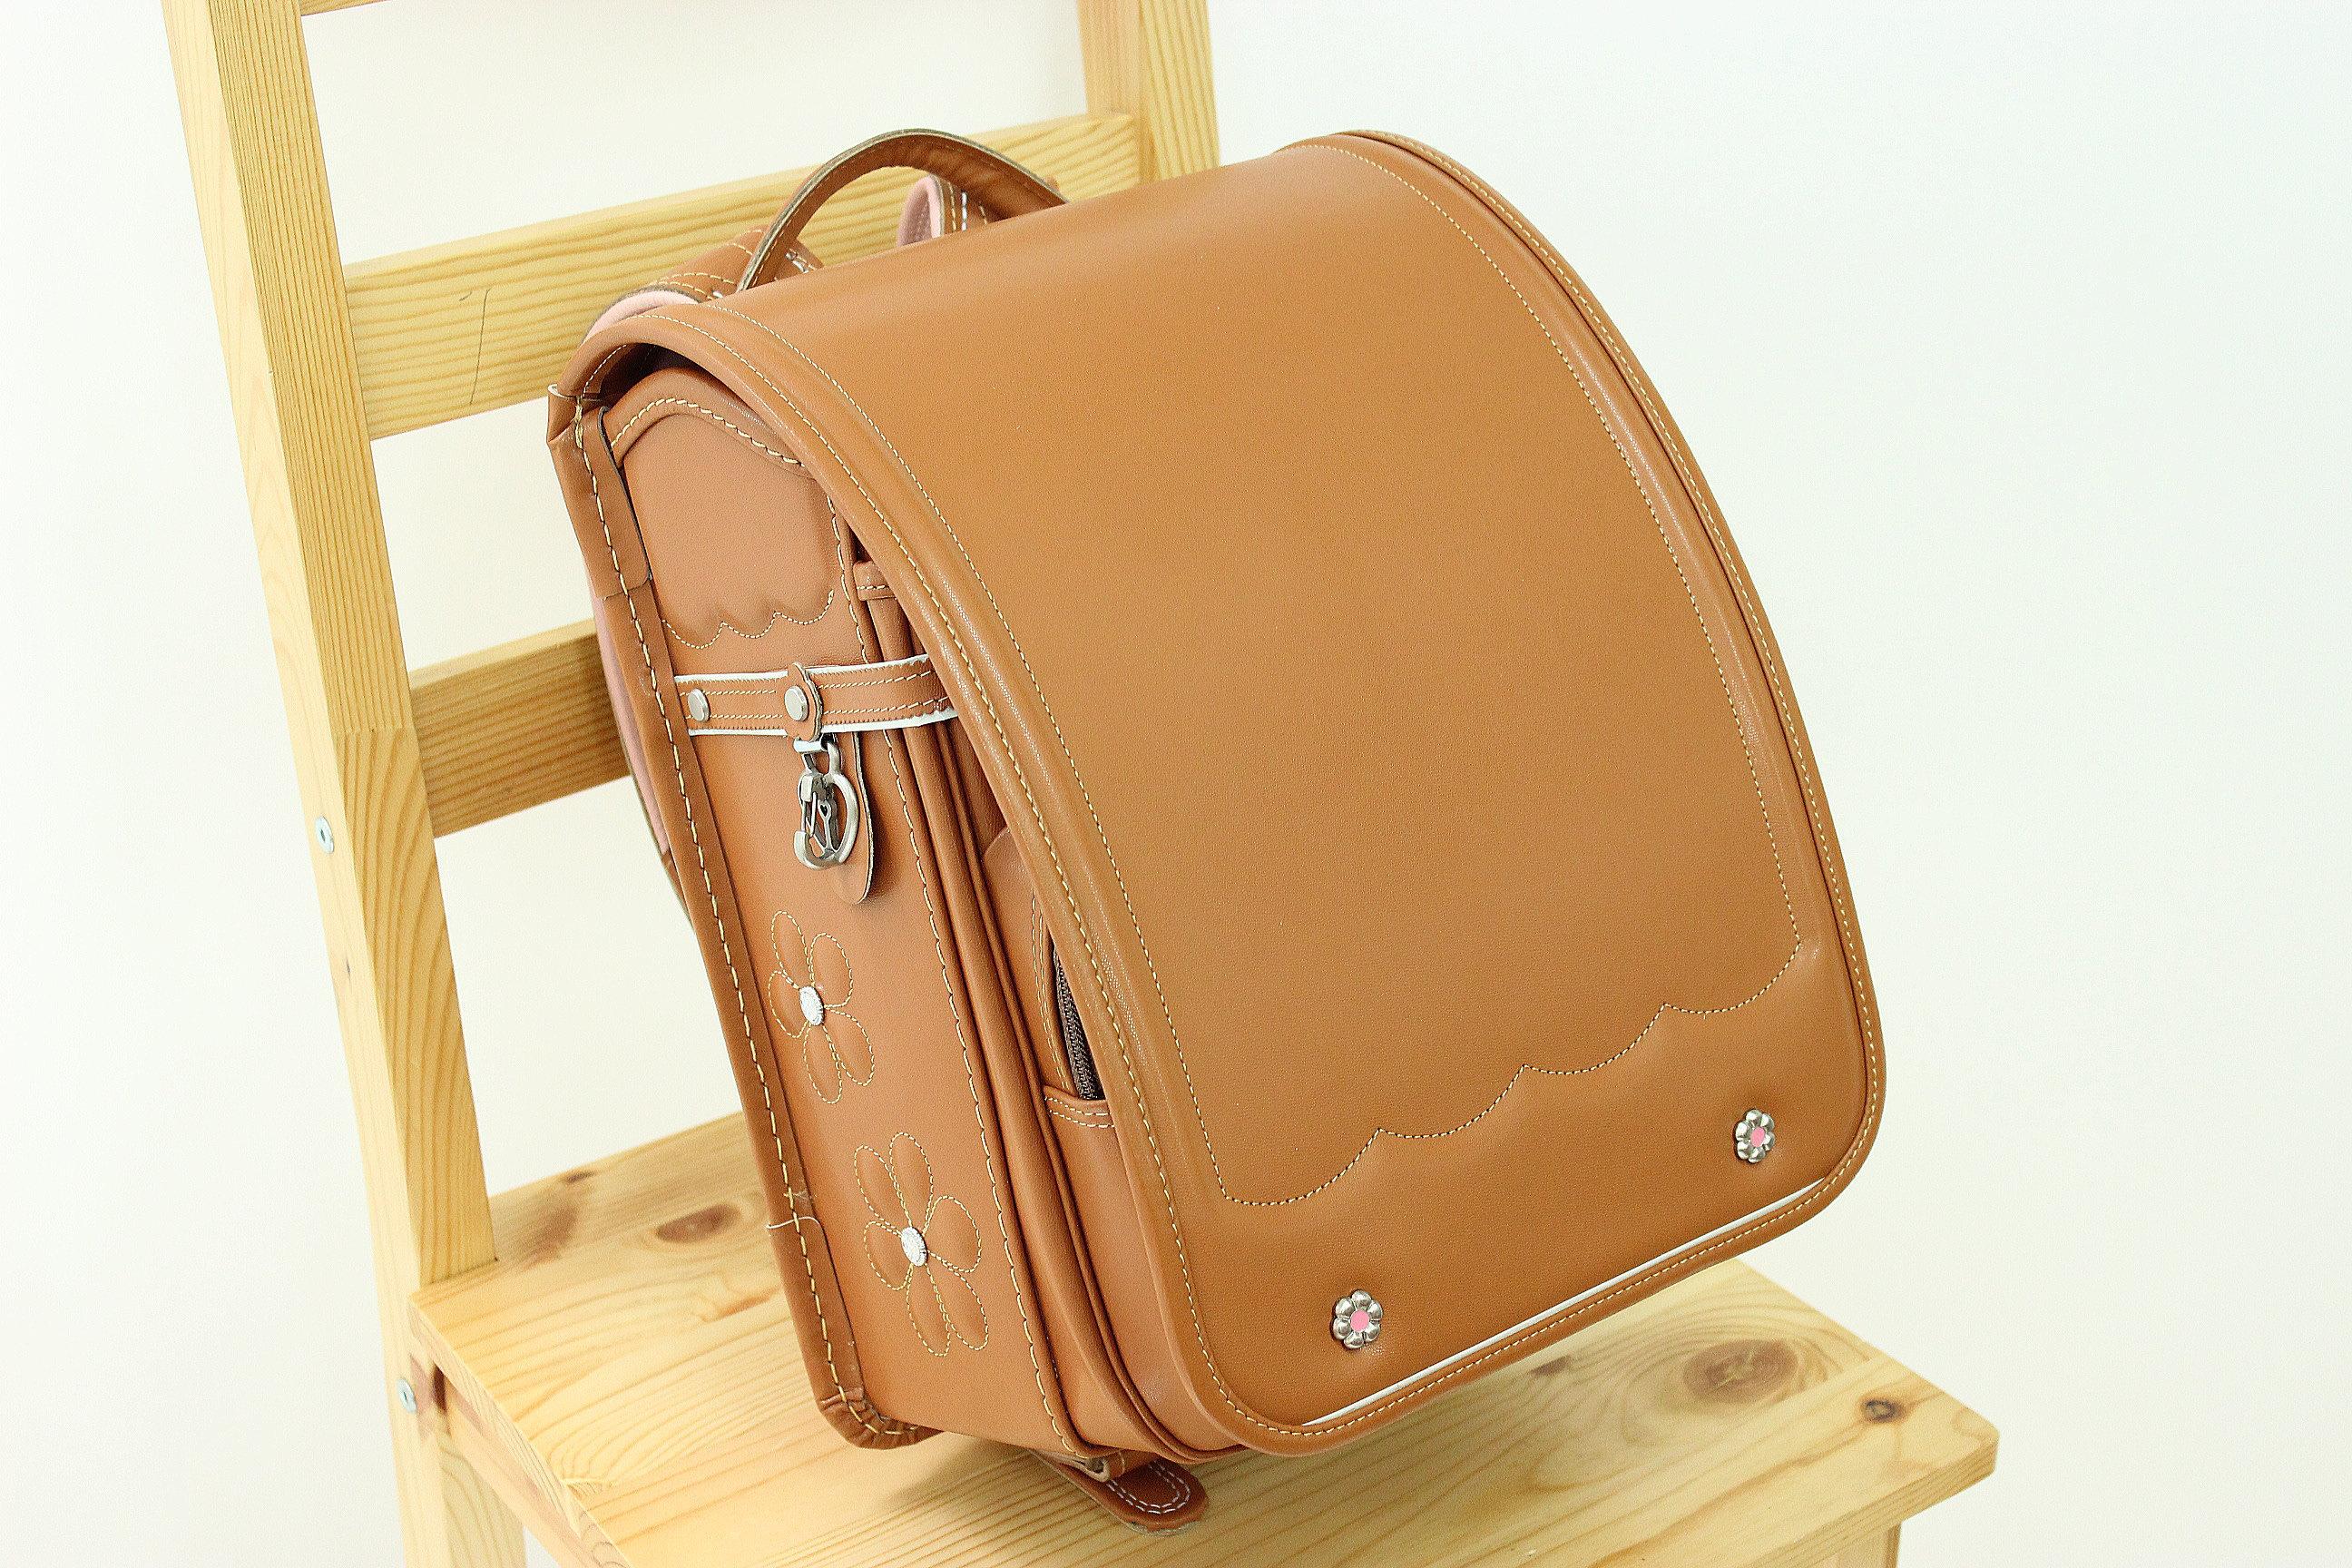 堀江鞄のキャメルのランドセル